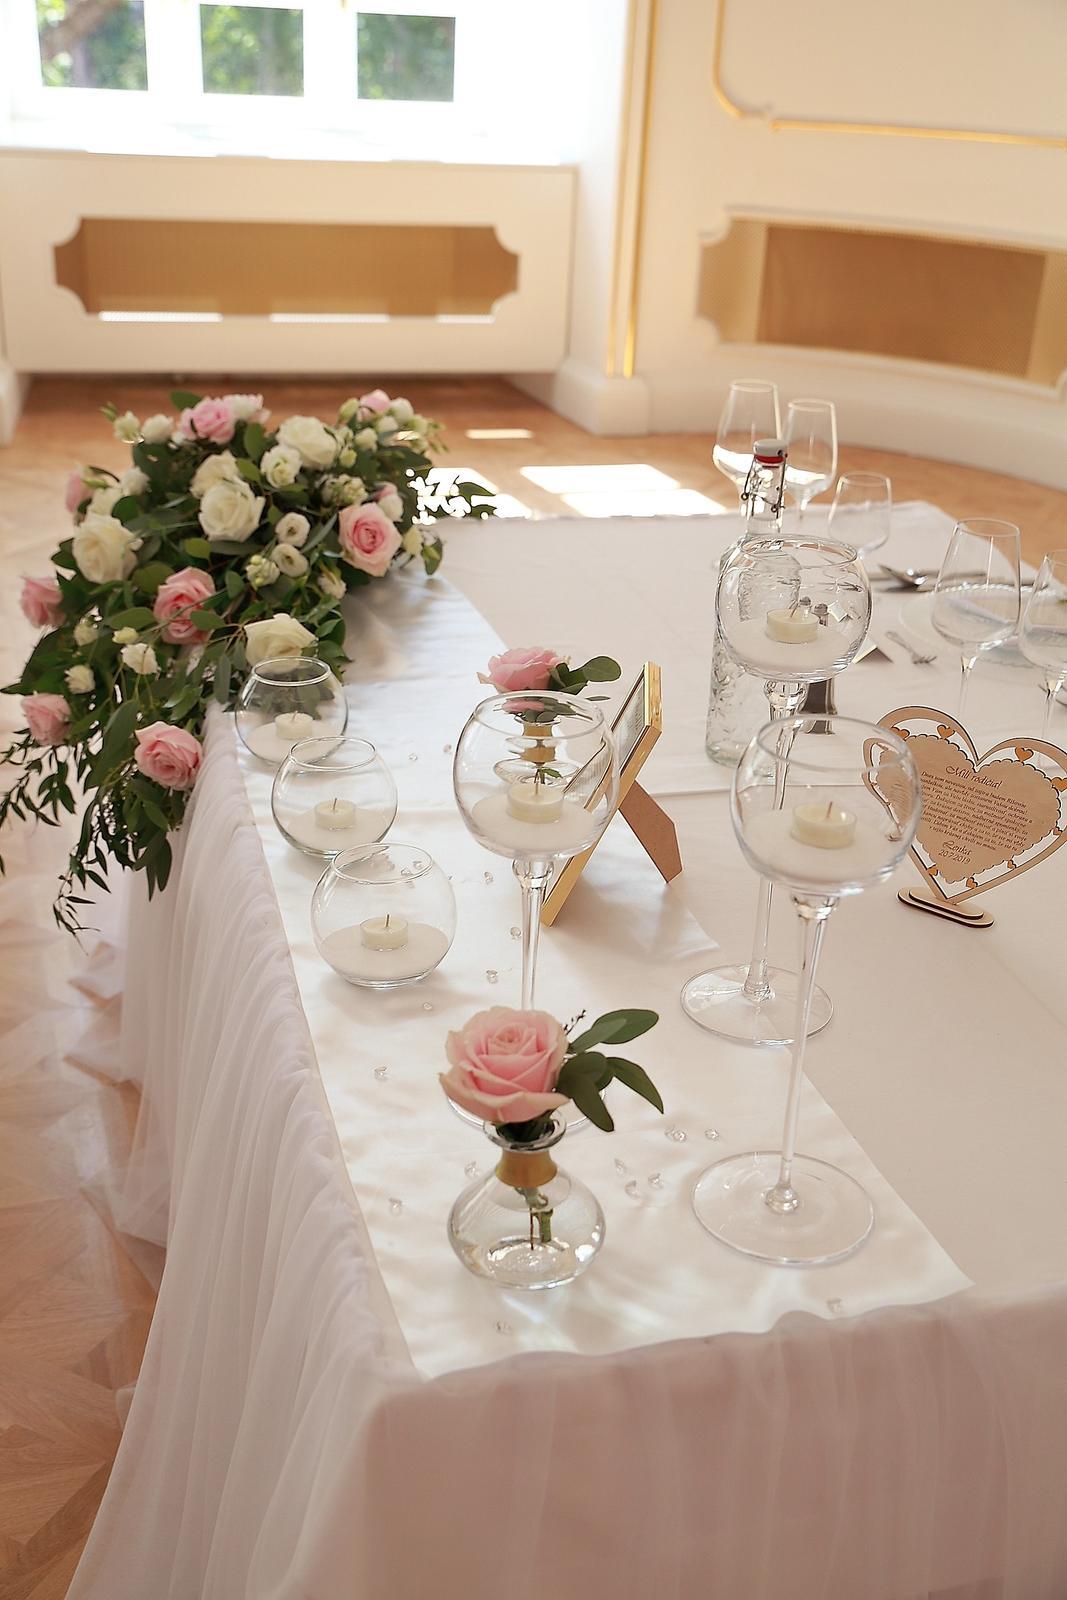 Svadobné dekorácie - požičovňa svadobných dekor. - Obrázok č. 23